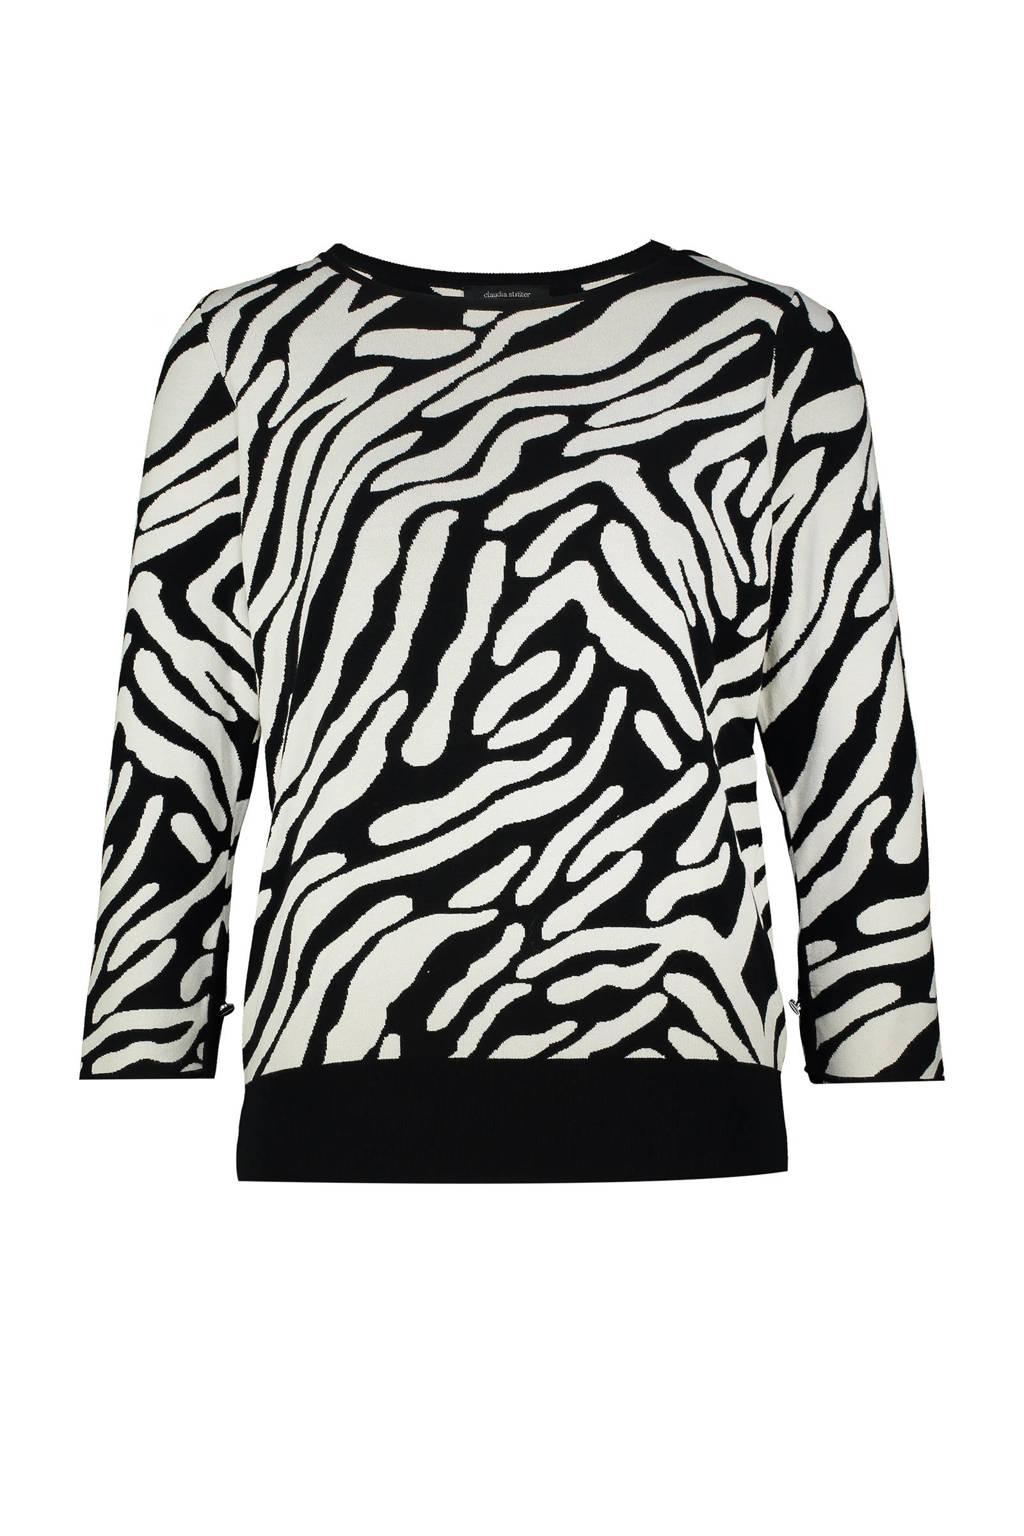 Claudia Sträter fijngebreide trui met zebraprint zwart/ecru, Zwart/ecru